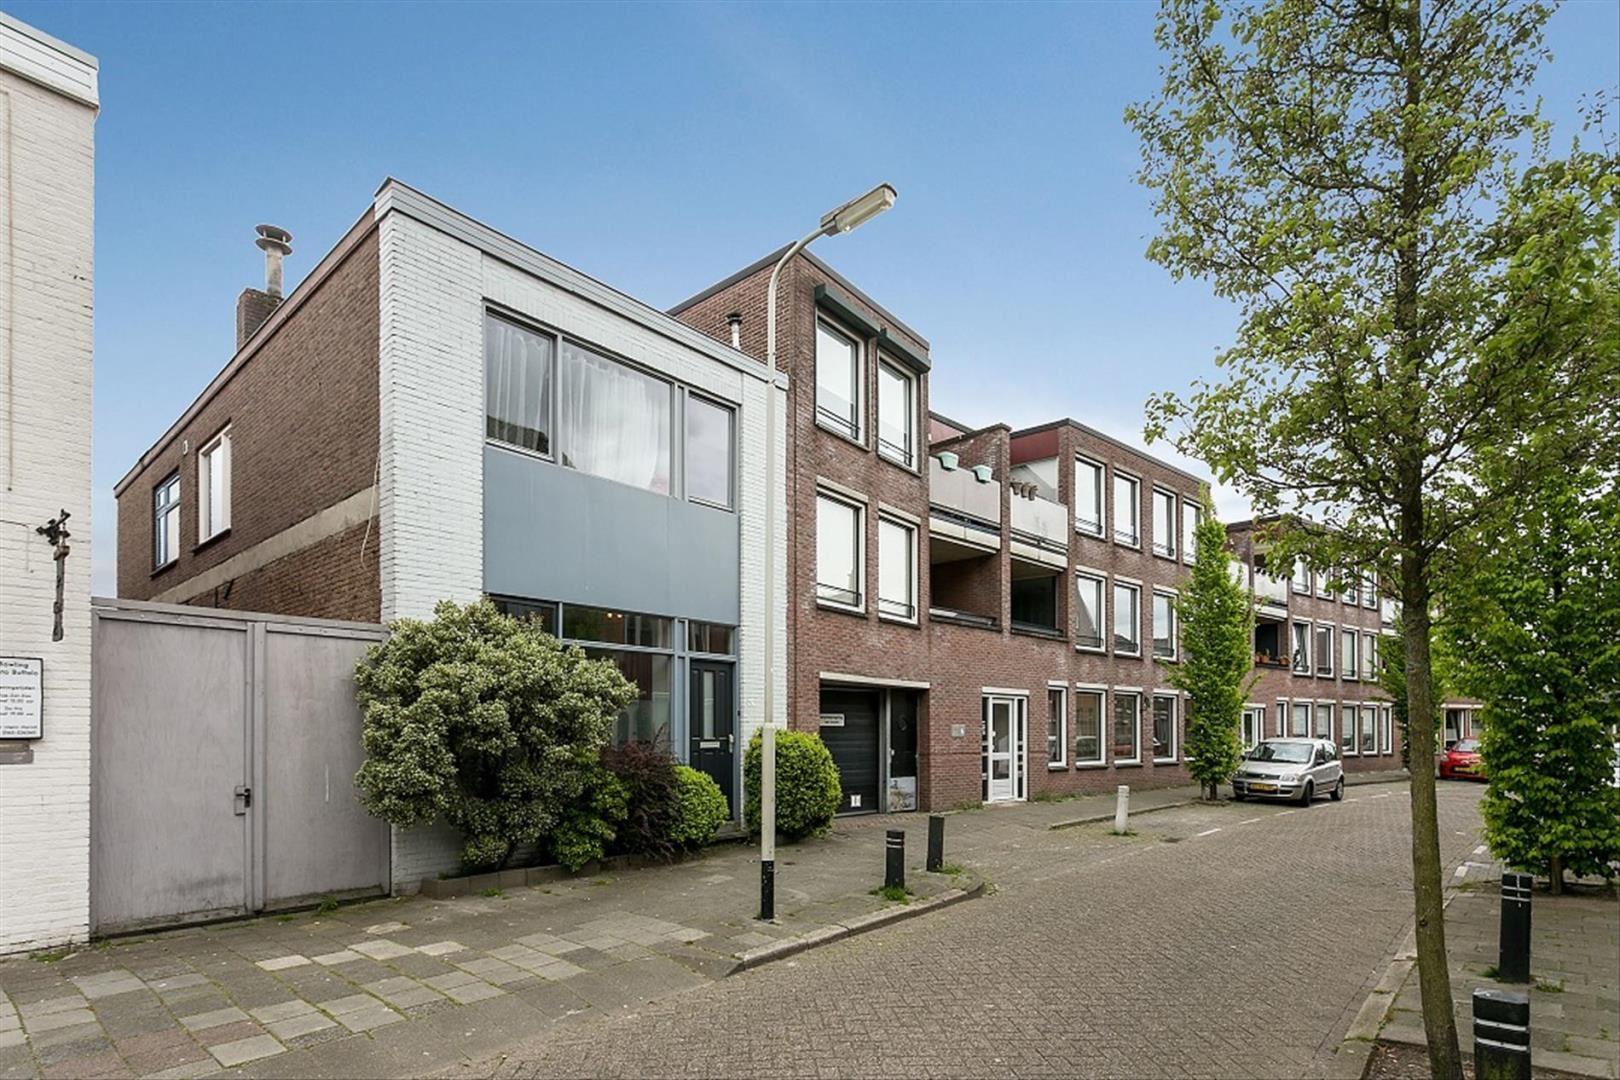 Huis Te Koop Damstraat 52 4701 Gp Roosendaal Funda